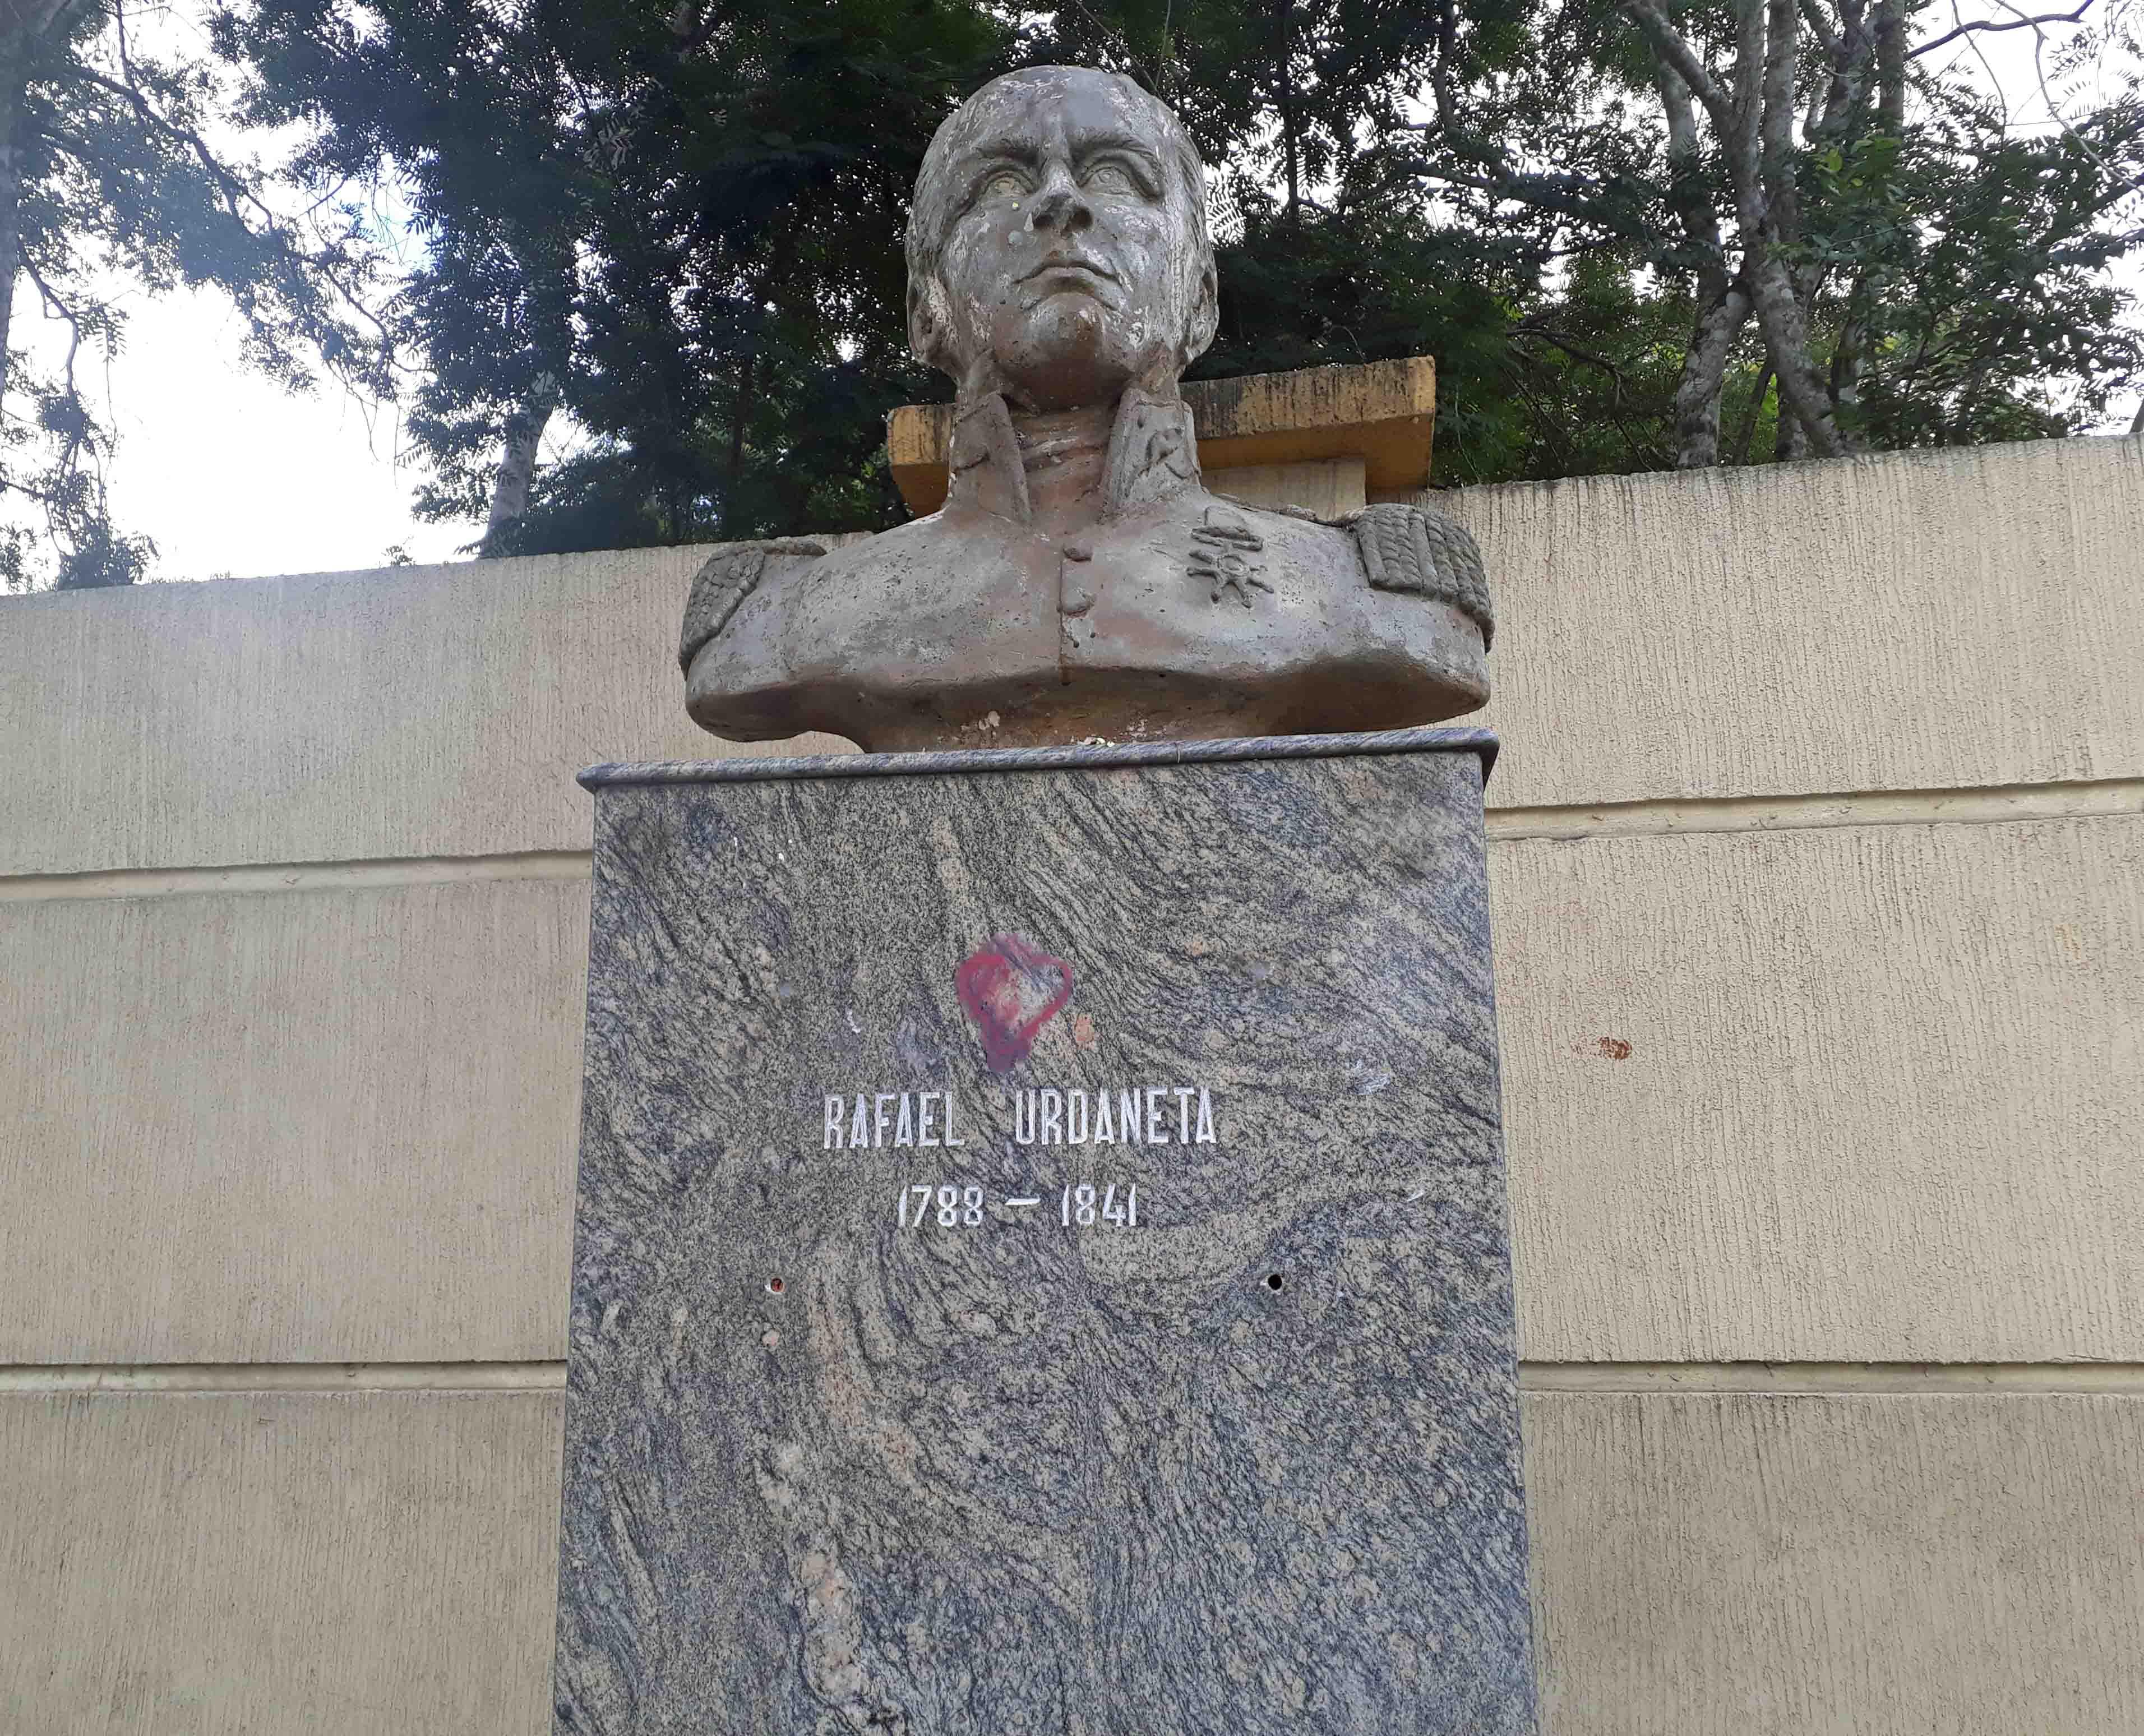 El busto de Rafael Urdaneta es uno de los tres que quedan en el Paseo de Los Próceres, Av. Raúl Leoni de Maturín, Monagas. Foto Jesymar Añez, 12-11-18.